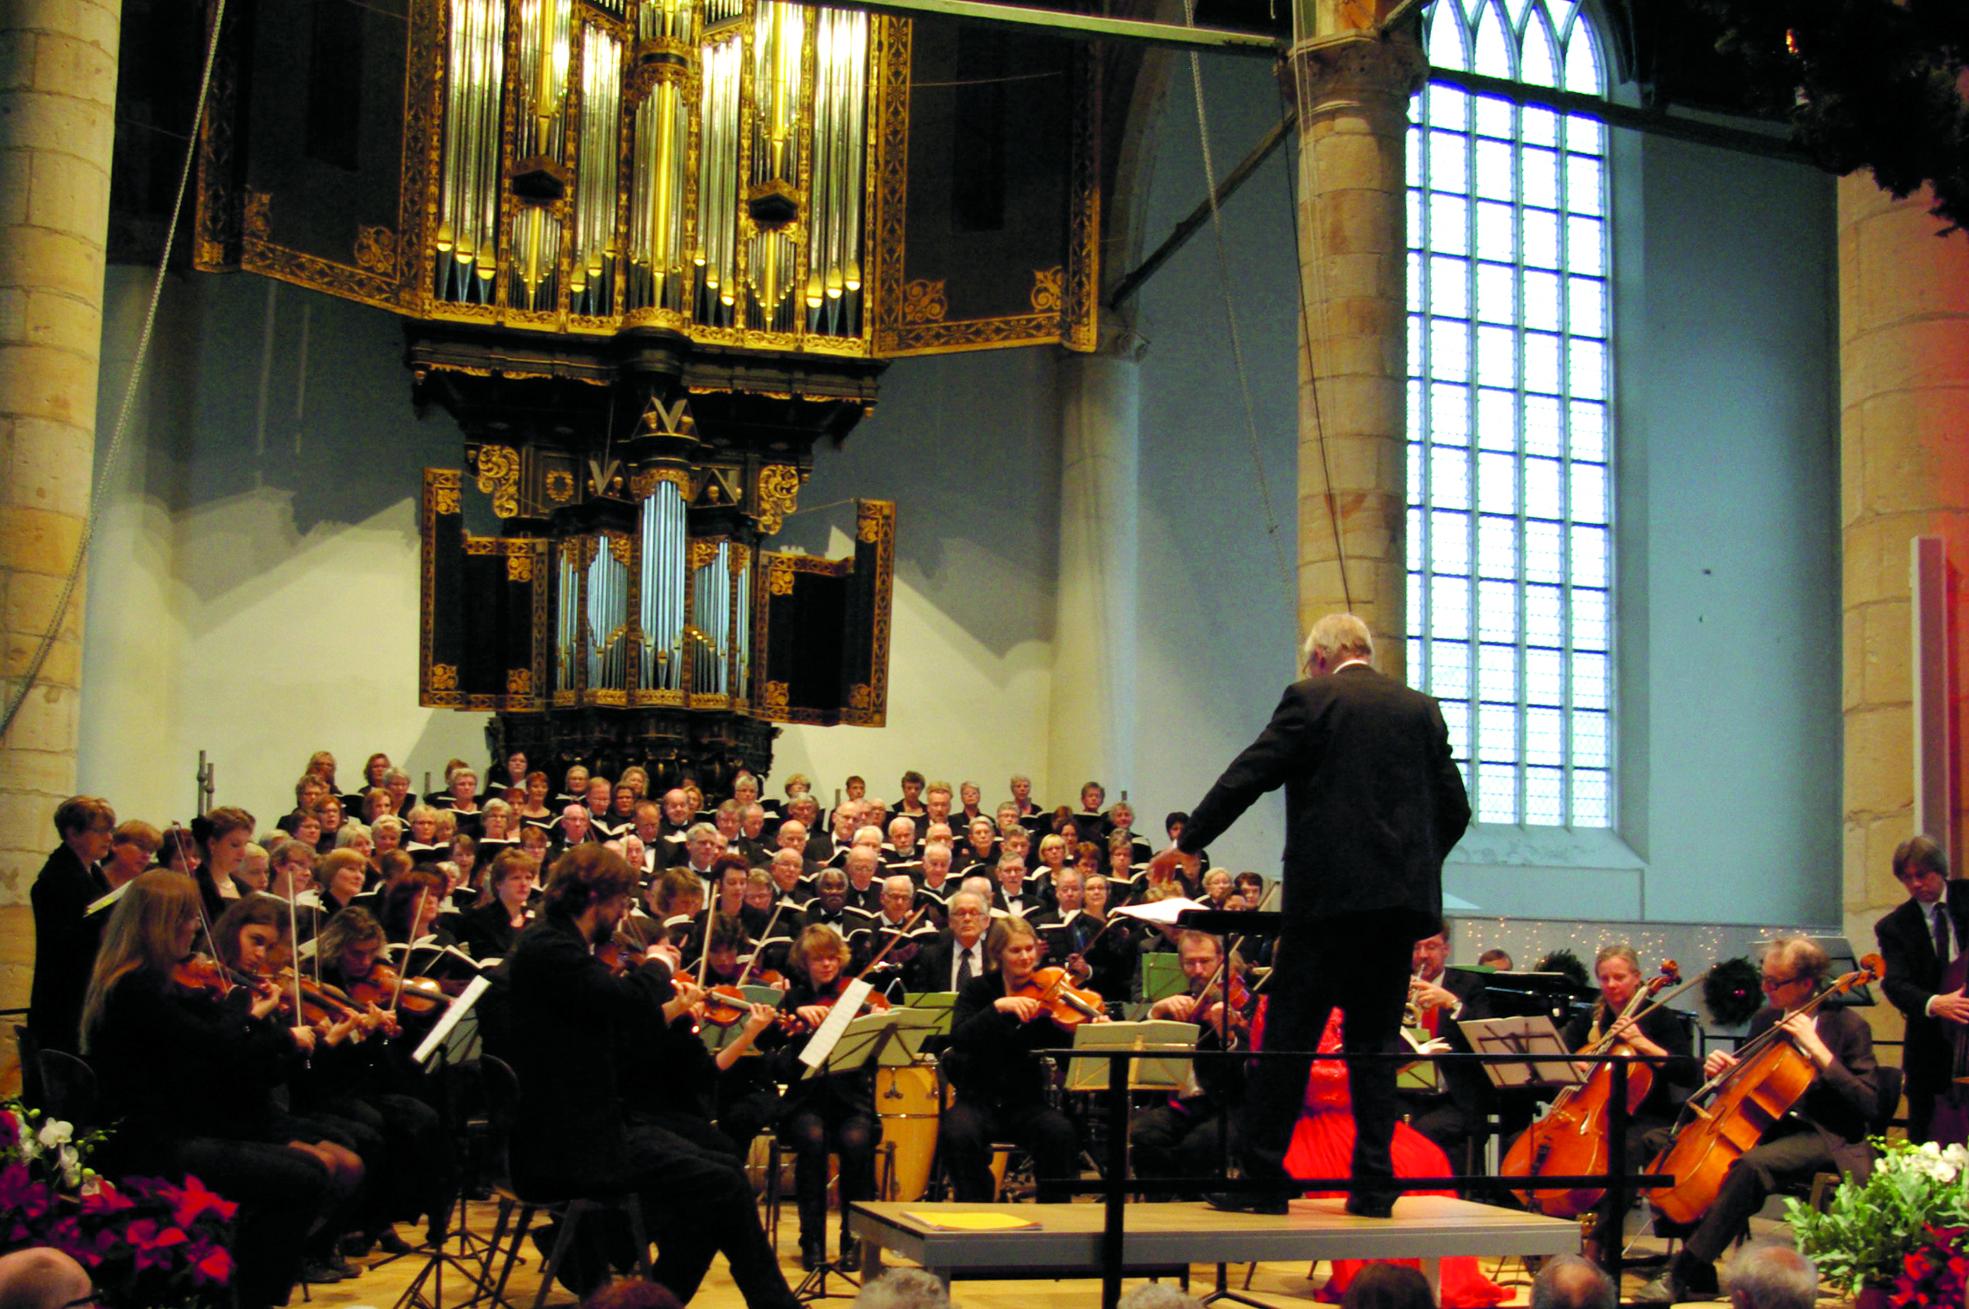 Onder het motto 'Zingend de lente in' voert oratoriumkoor Stem en Snaren twee werken van de Tsjechische componist Antonín Dvořák uit. (Foto: aangeleverd)